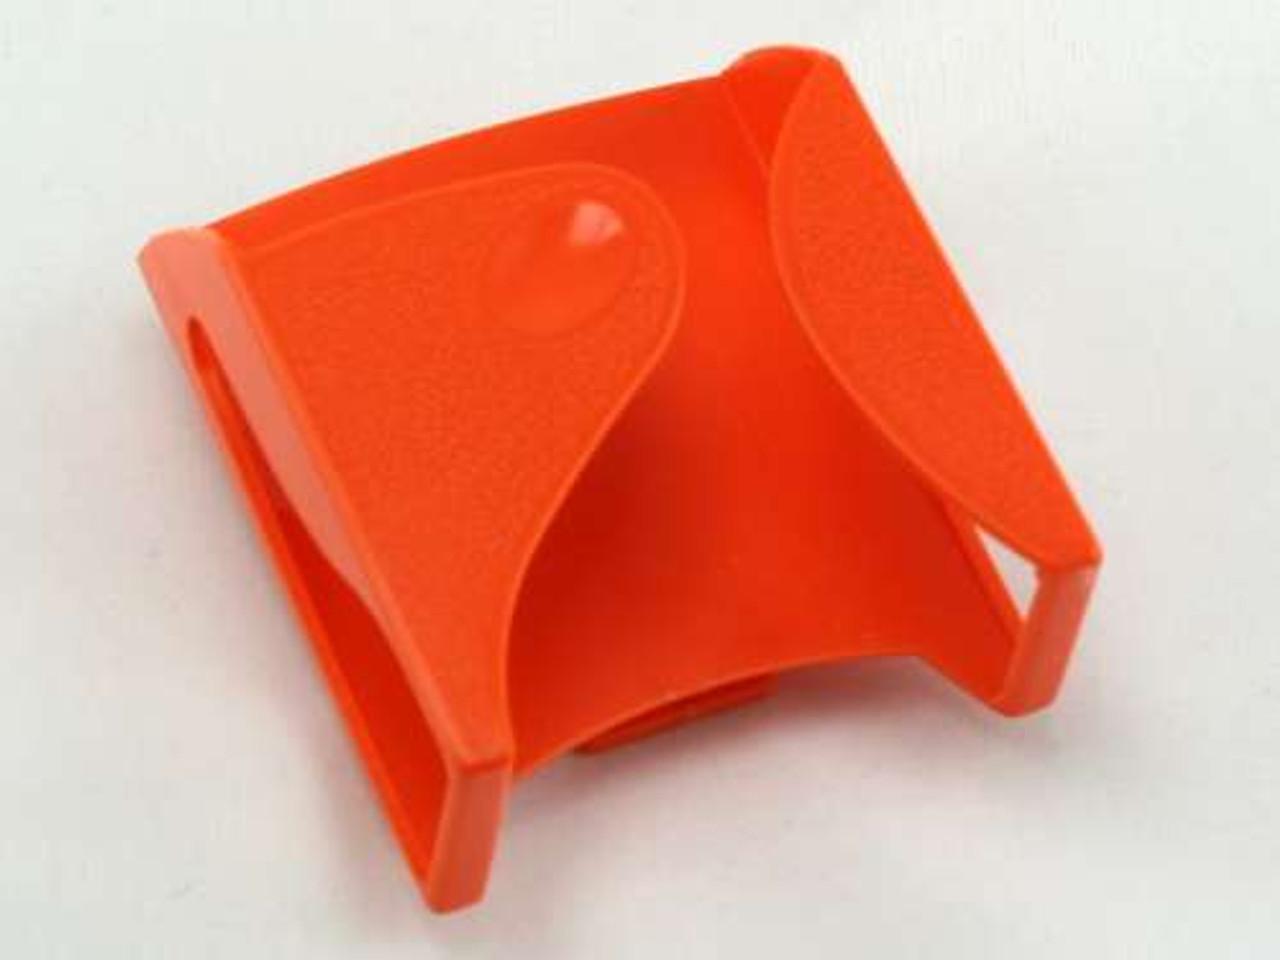 Orange Belt Clip Cigarette Pack Holder